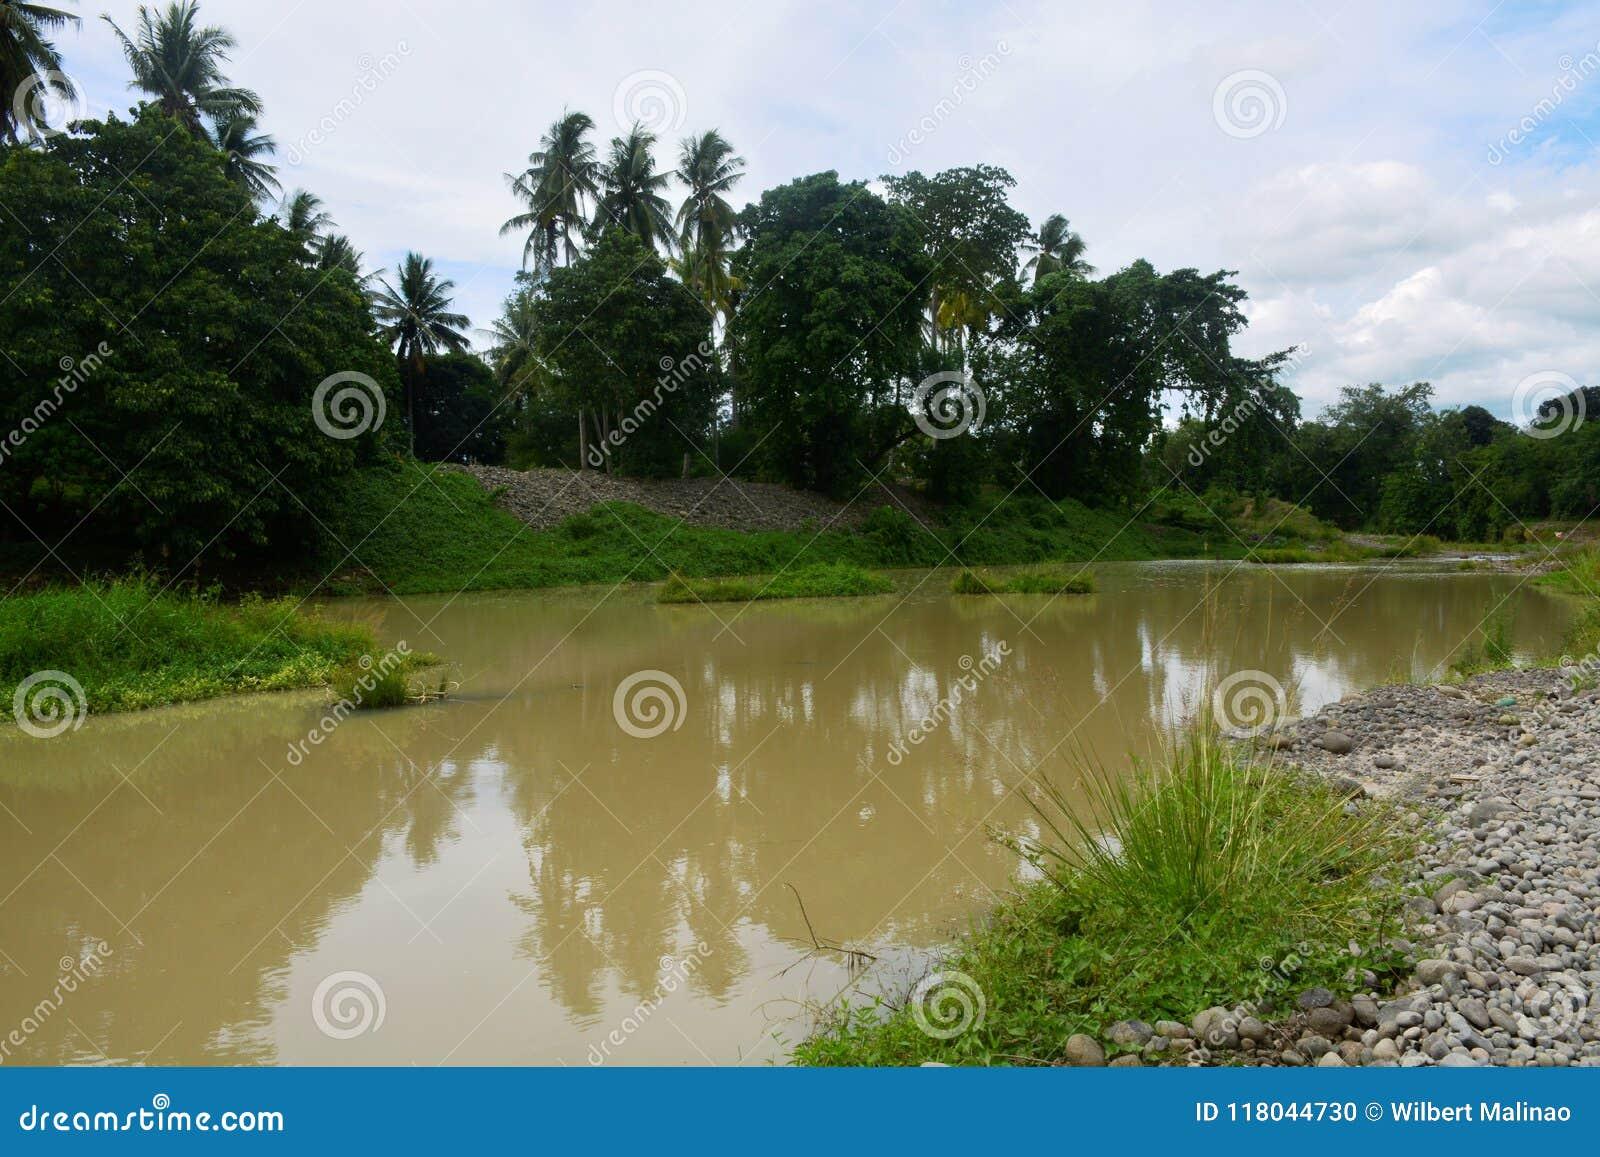 Unscraped portion in Bulatukan river, New Clarin, Bansalan, Davao del Sur, Philippines.